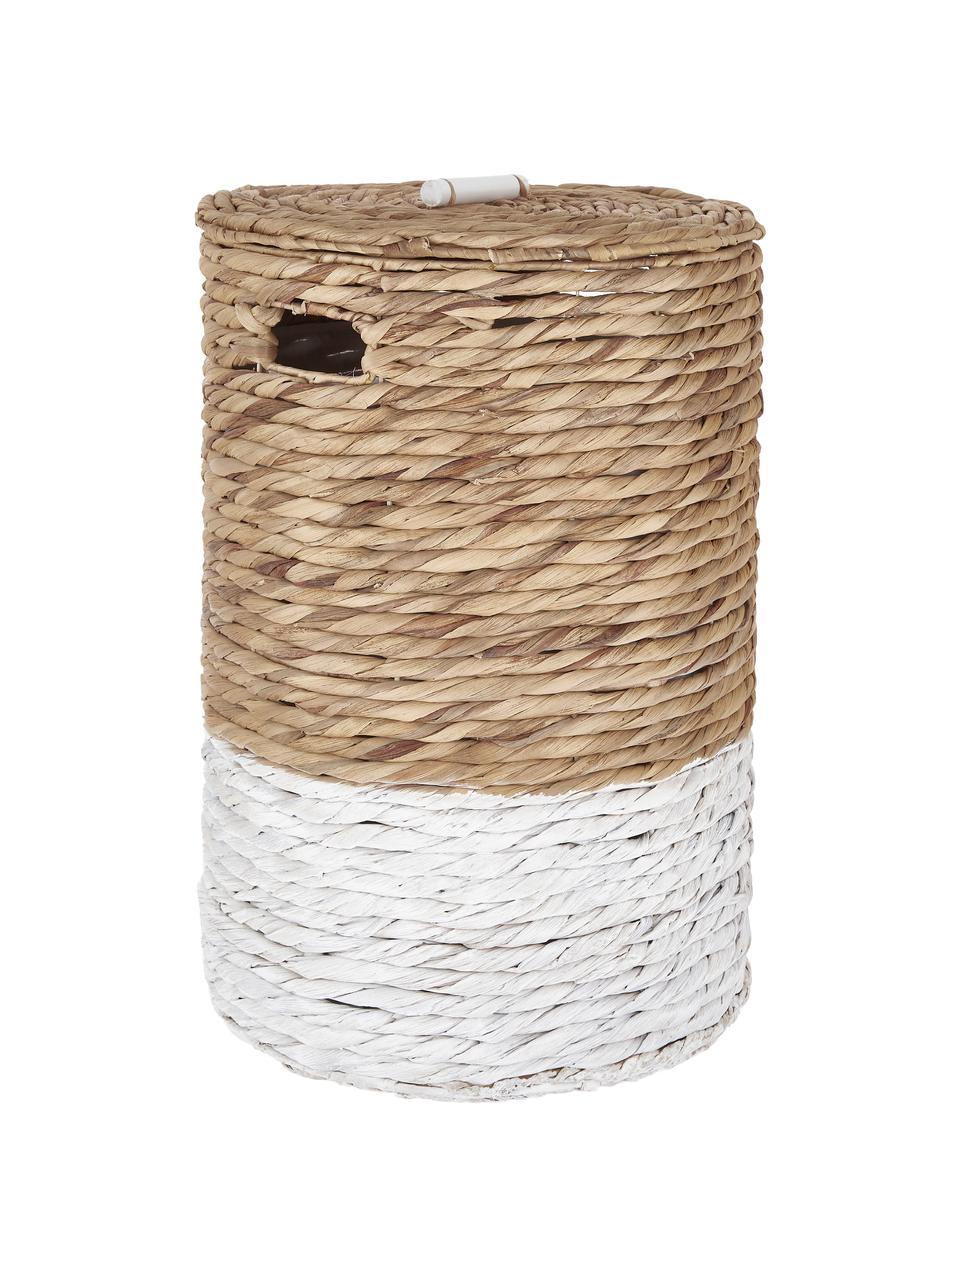 Sada prádelních košů Mast, 2 díly, Bílá, béžová